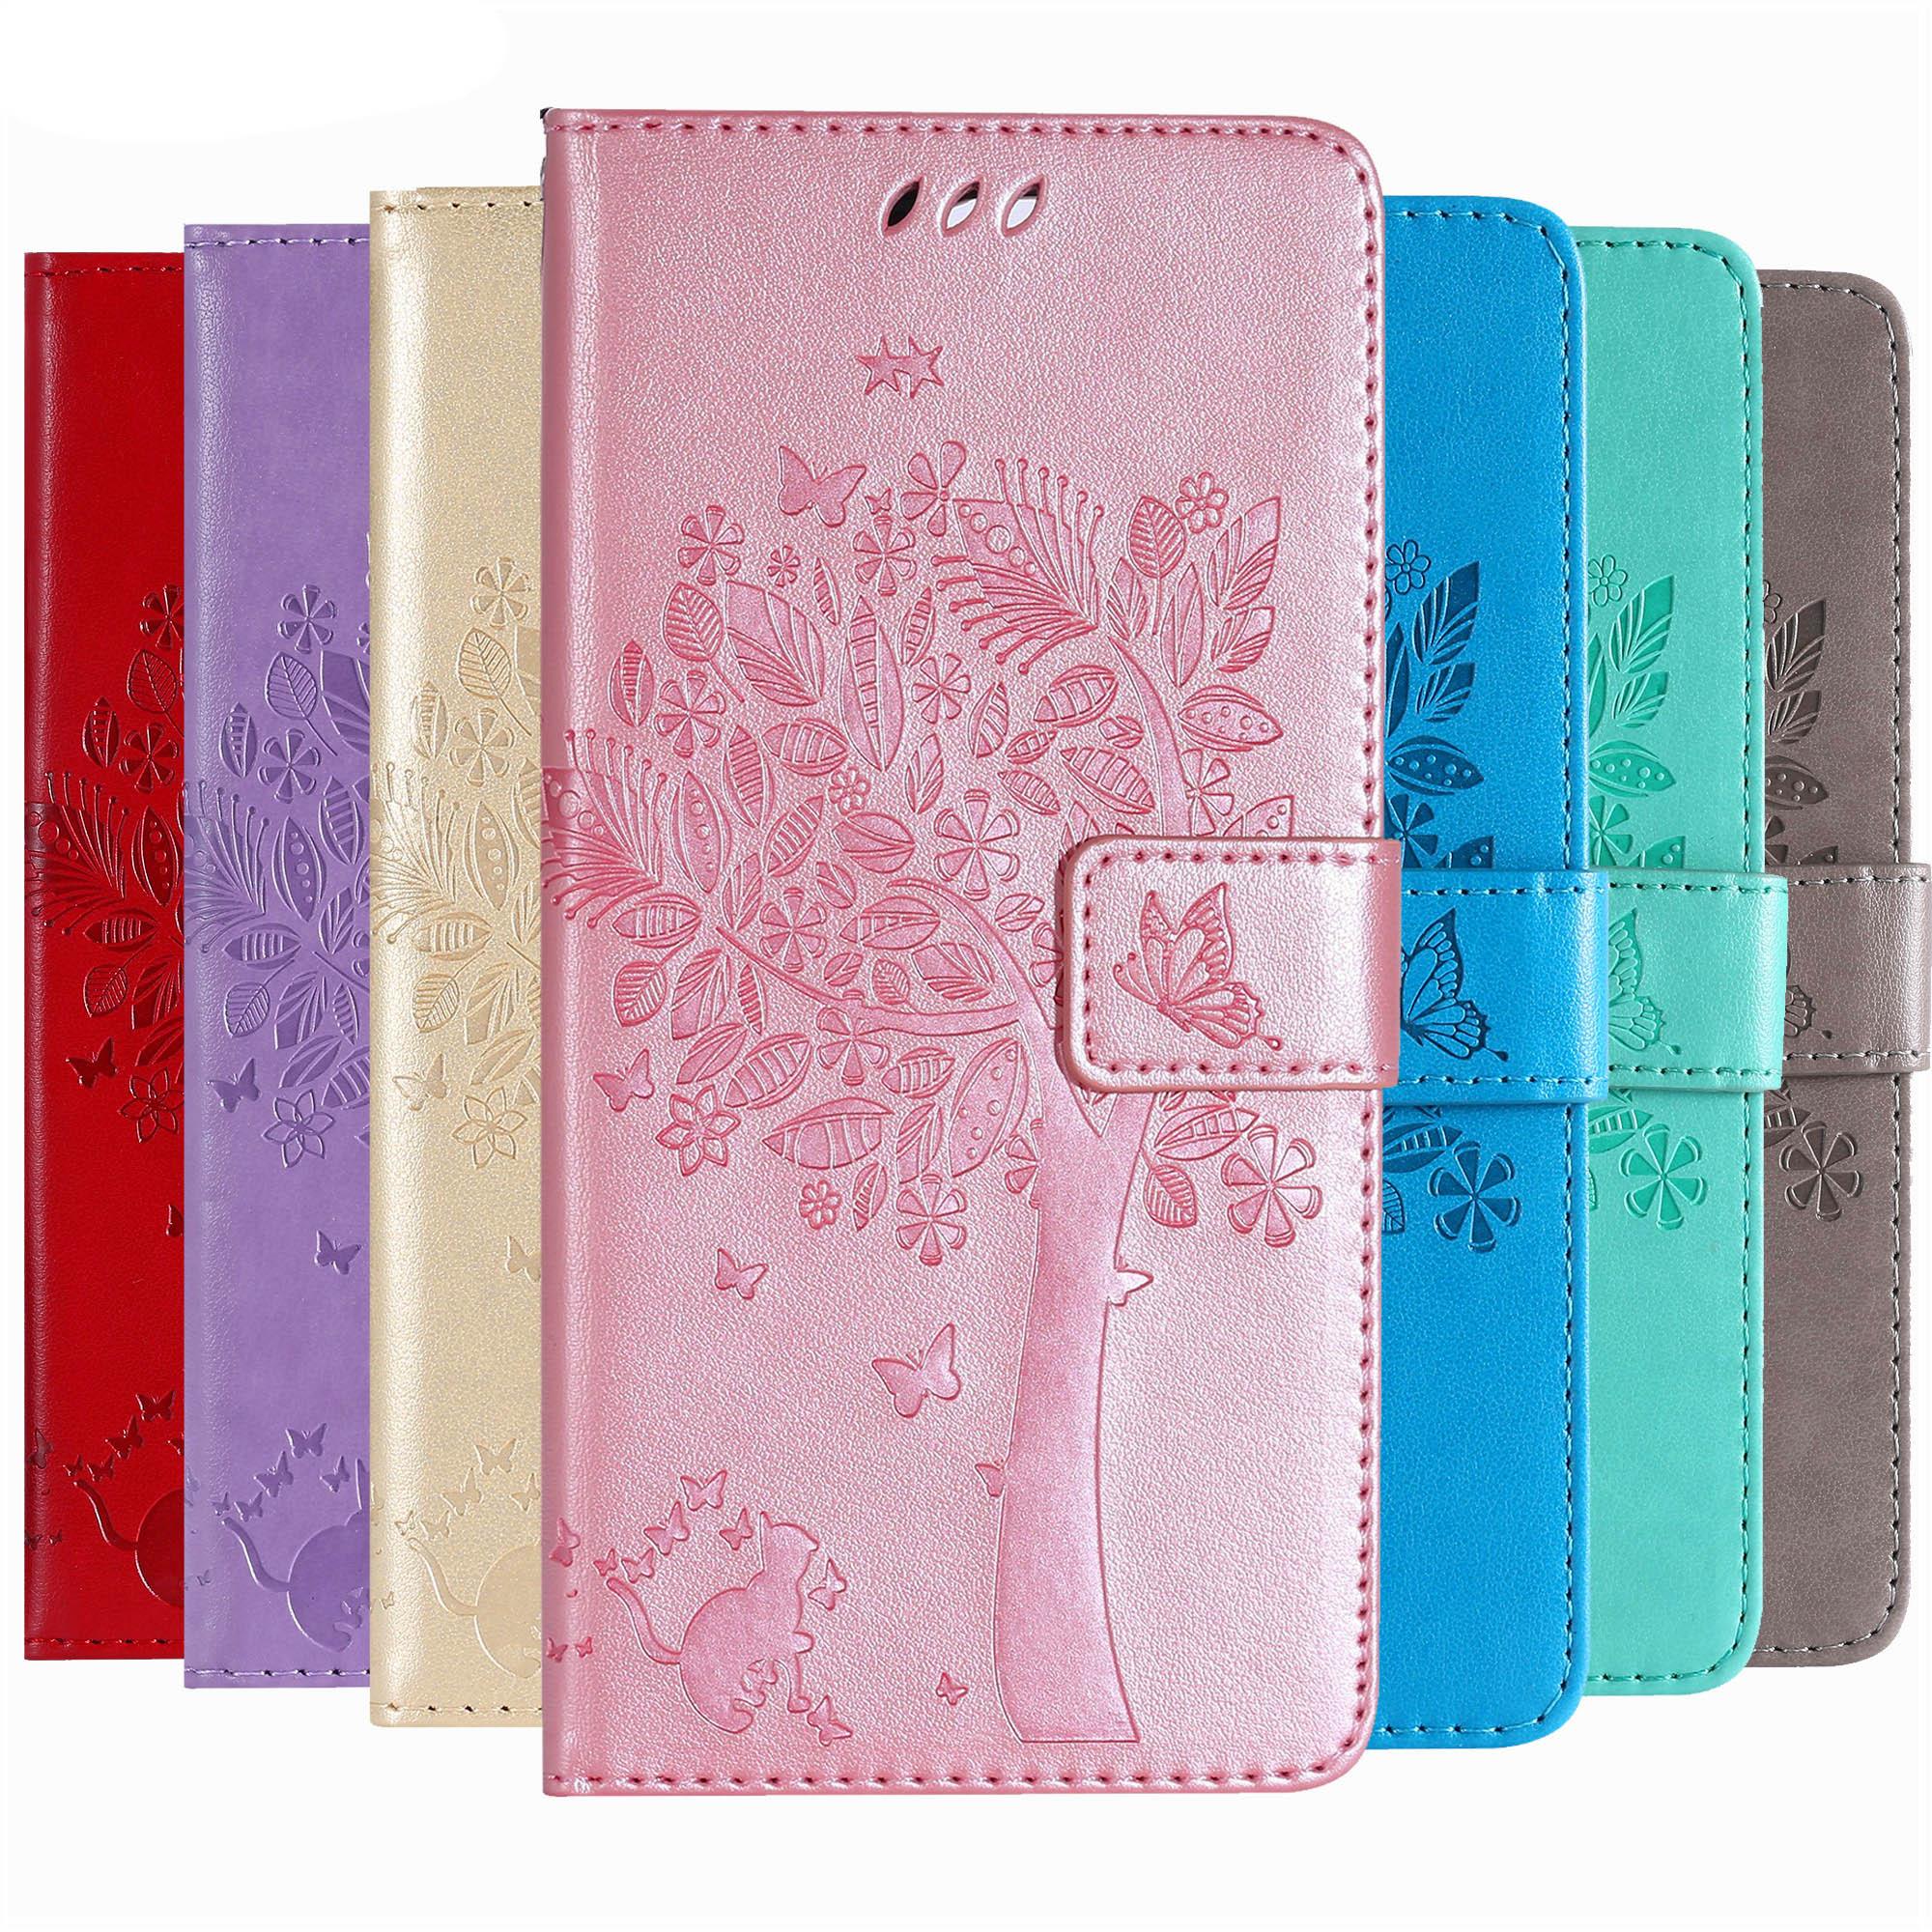 Wallet Leather Case For LG G3 G4 Mini G5 G7 Q6 Q8 Luxury Flip Coque Phone Bag Cover For LG C40 C70 V10 V20 V30 V40 Cases Fundas